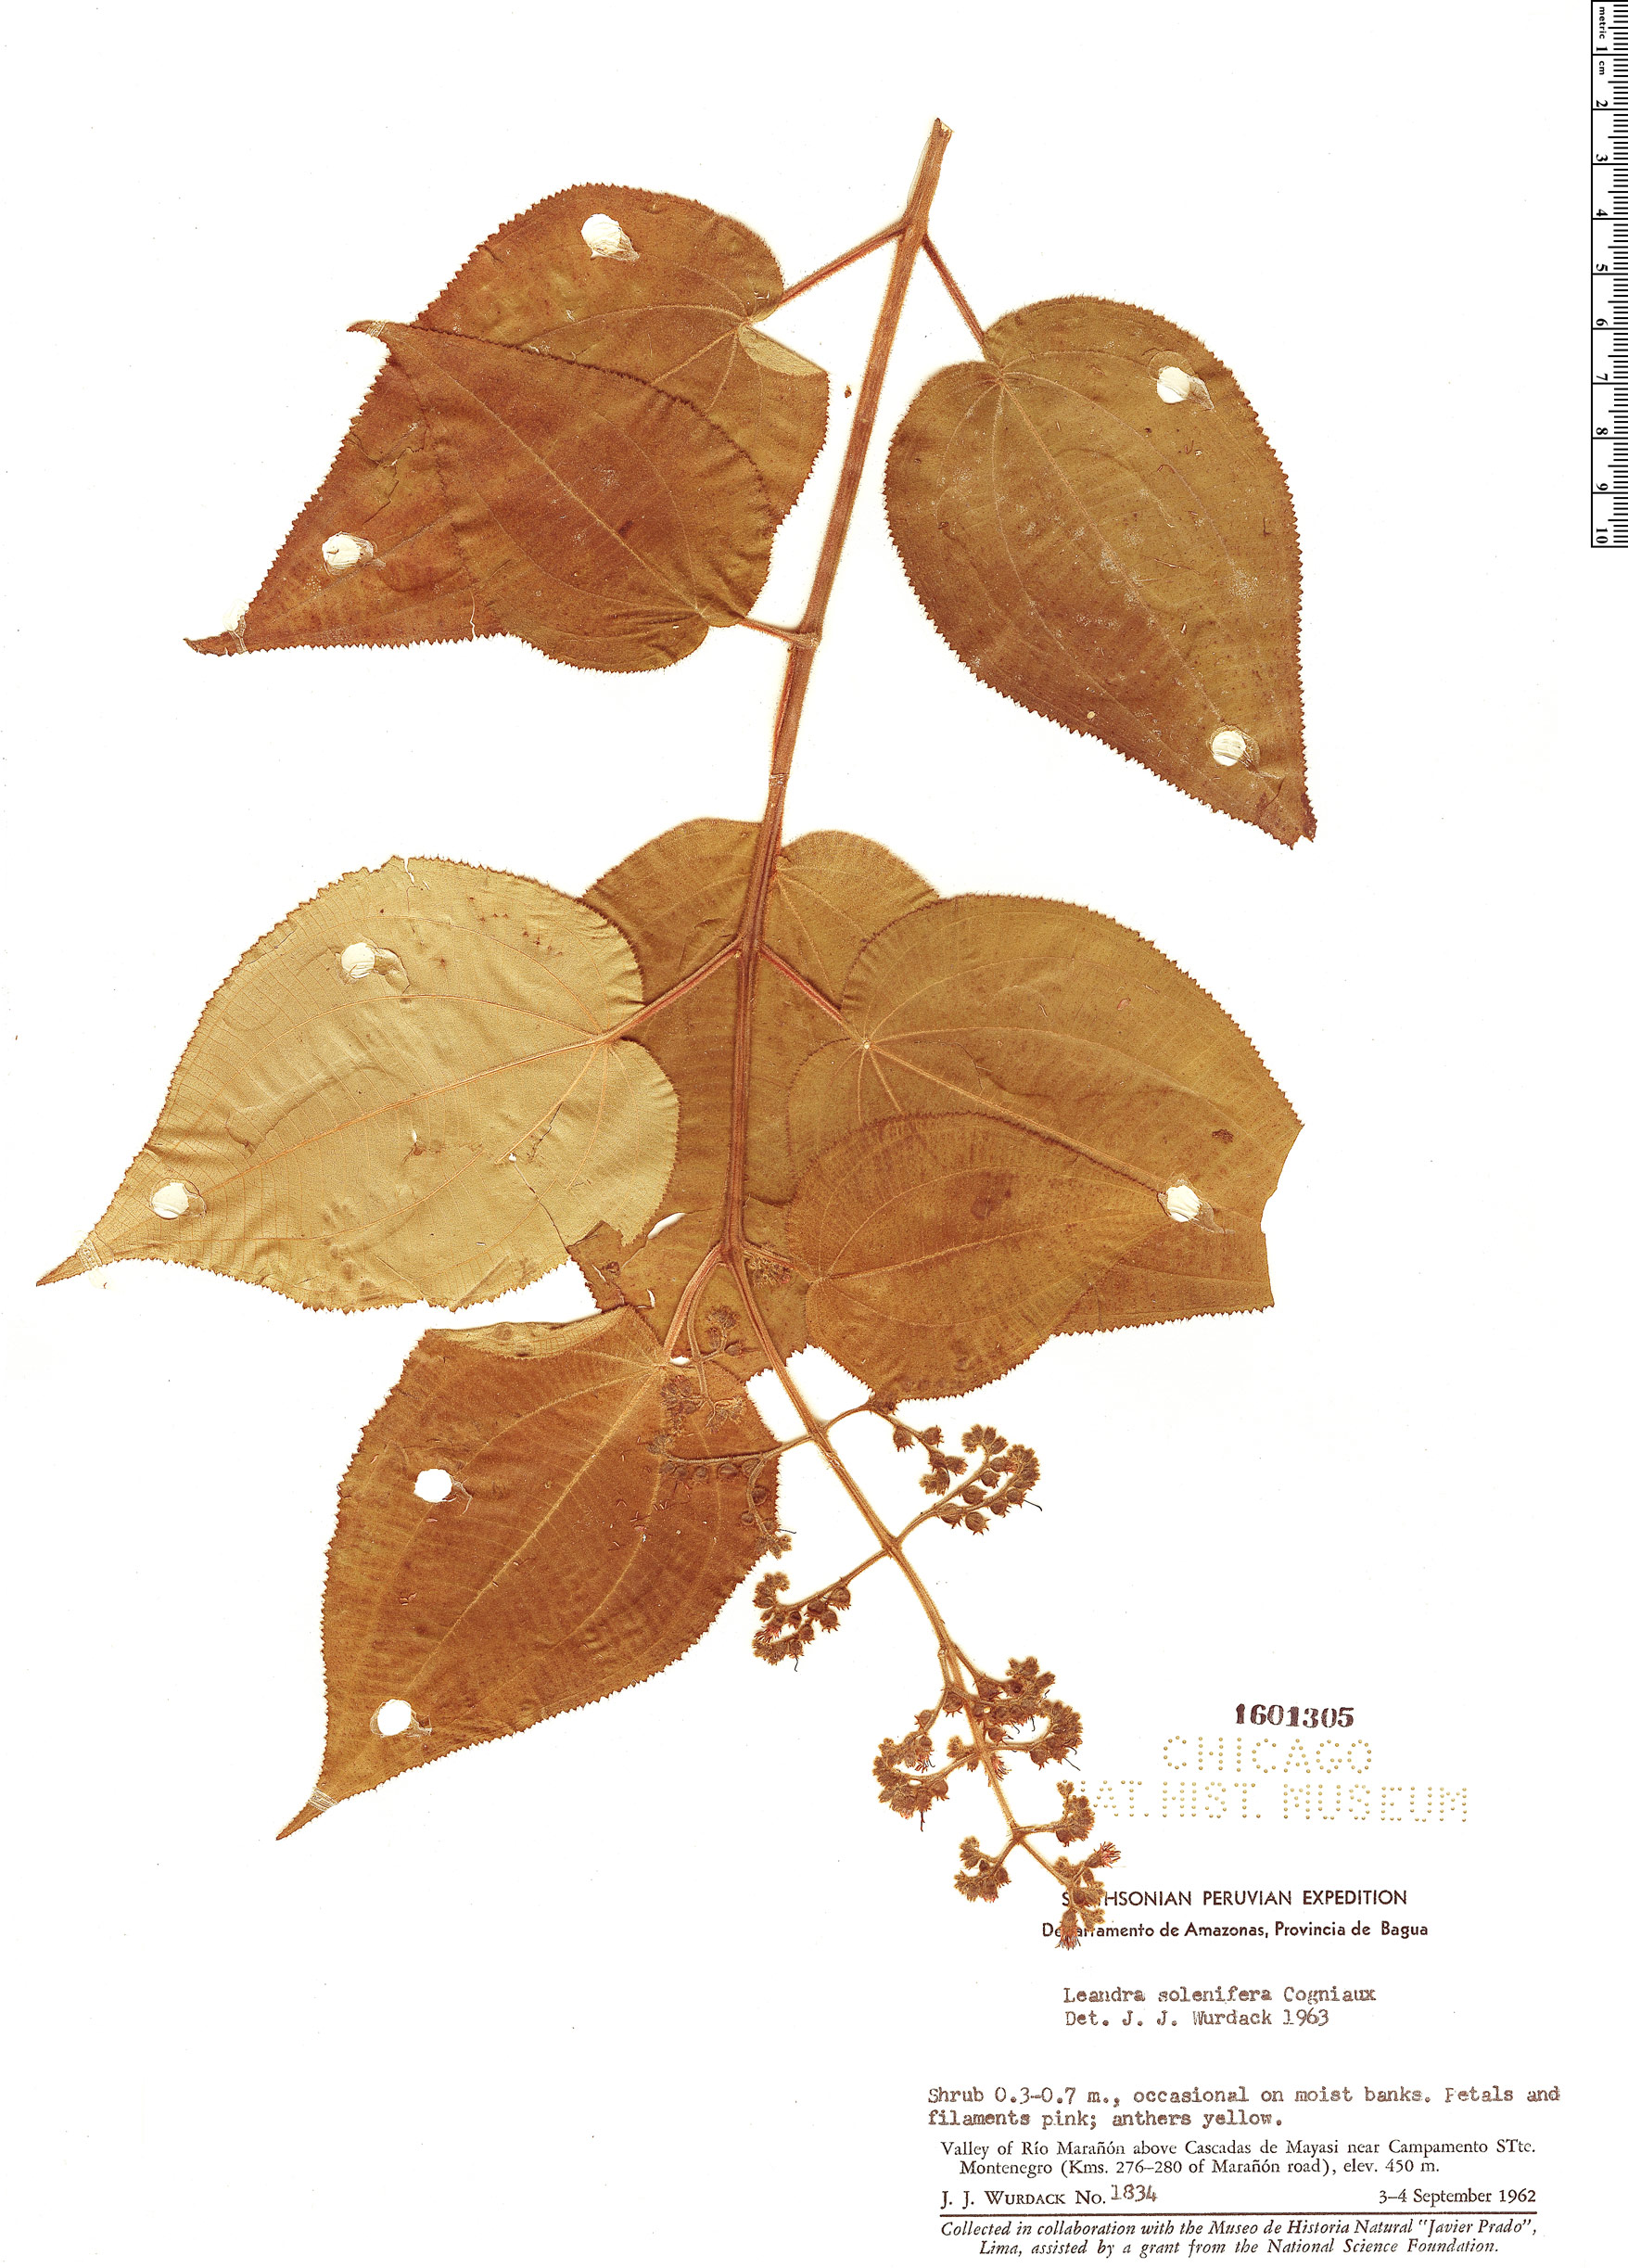 Specimen: Leandra solenifera